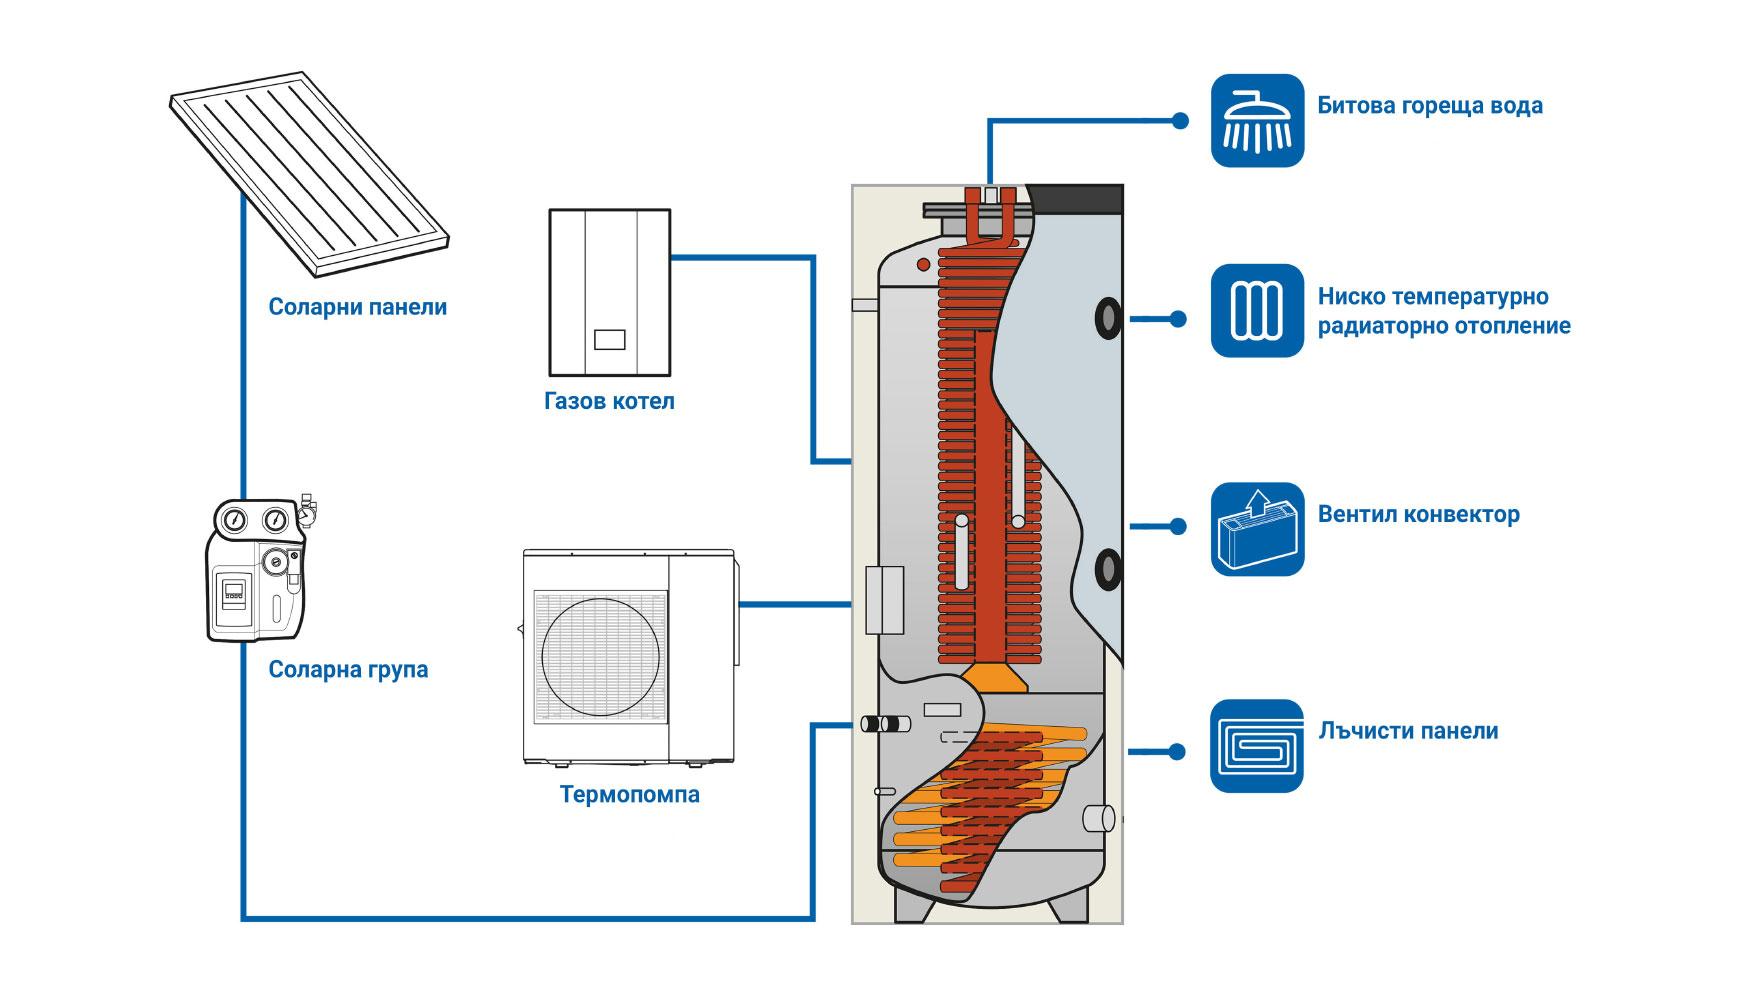 Ново-от-Екотерм-Проект.-Термопомпи-и-хибридни-системи-с-качество-Emmeti-02Термопомпи и хибридни системи с качество Emmeti.